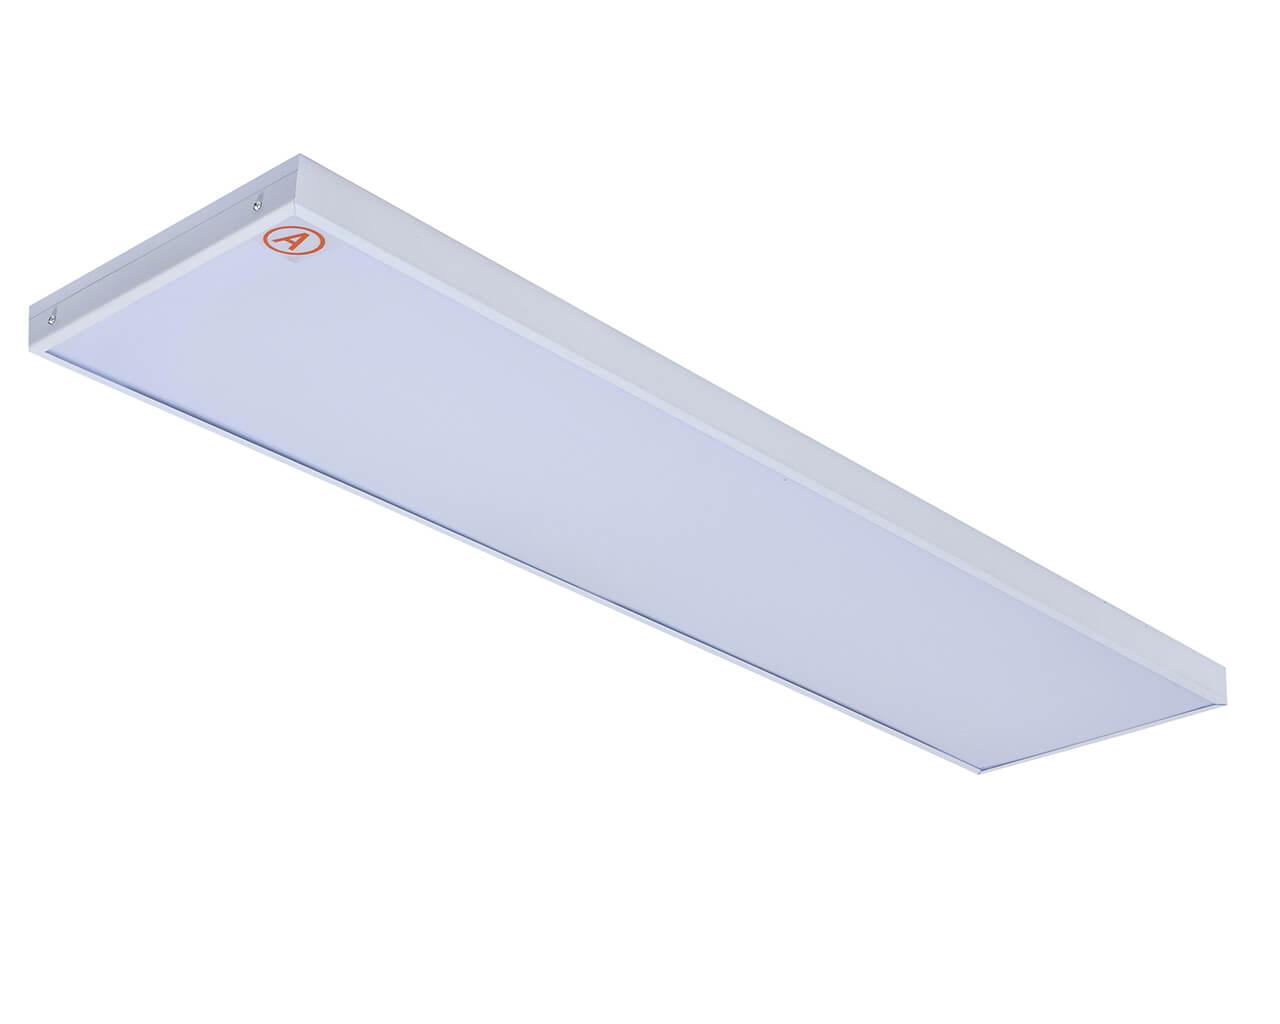 Накладной светильник LC-NSM-80-OP-WW ватт 1195x295 Теплый белый Опал Бап 3 часа